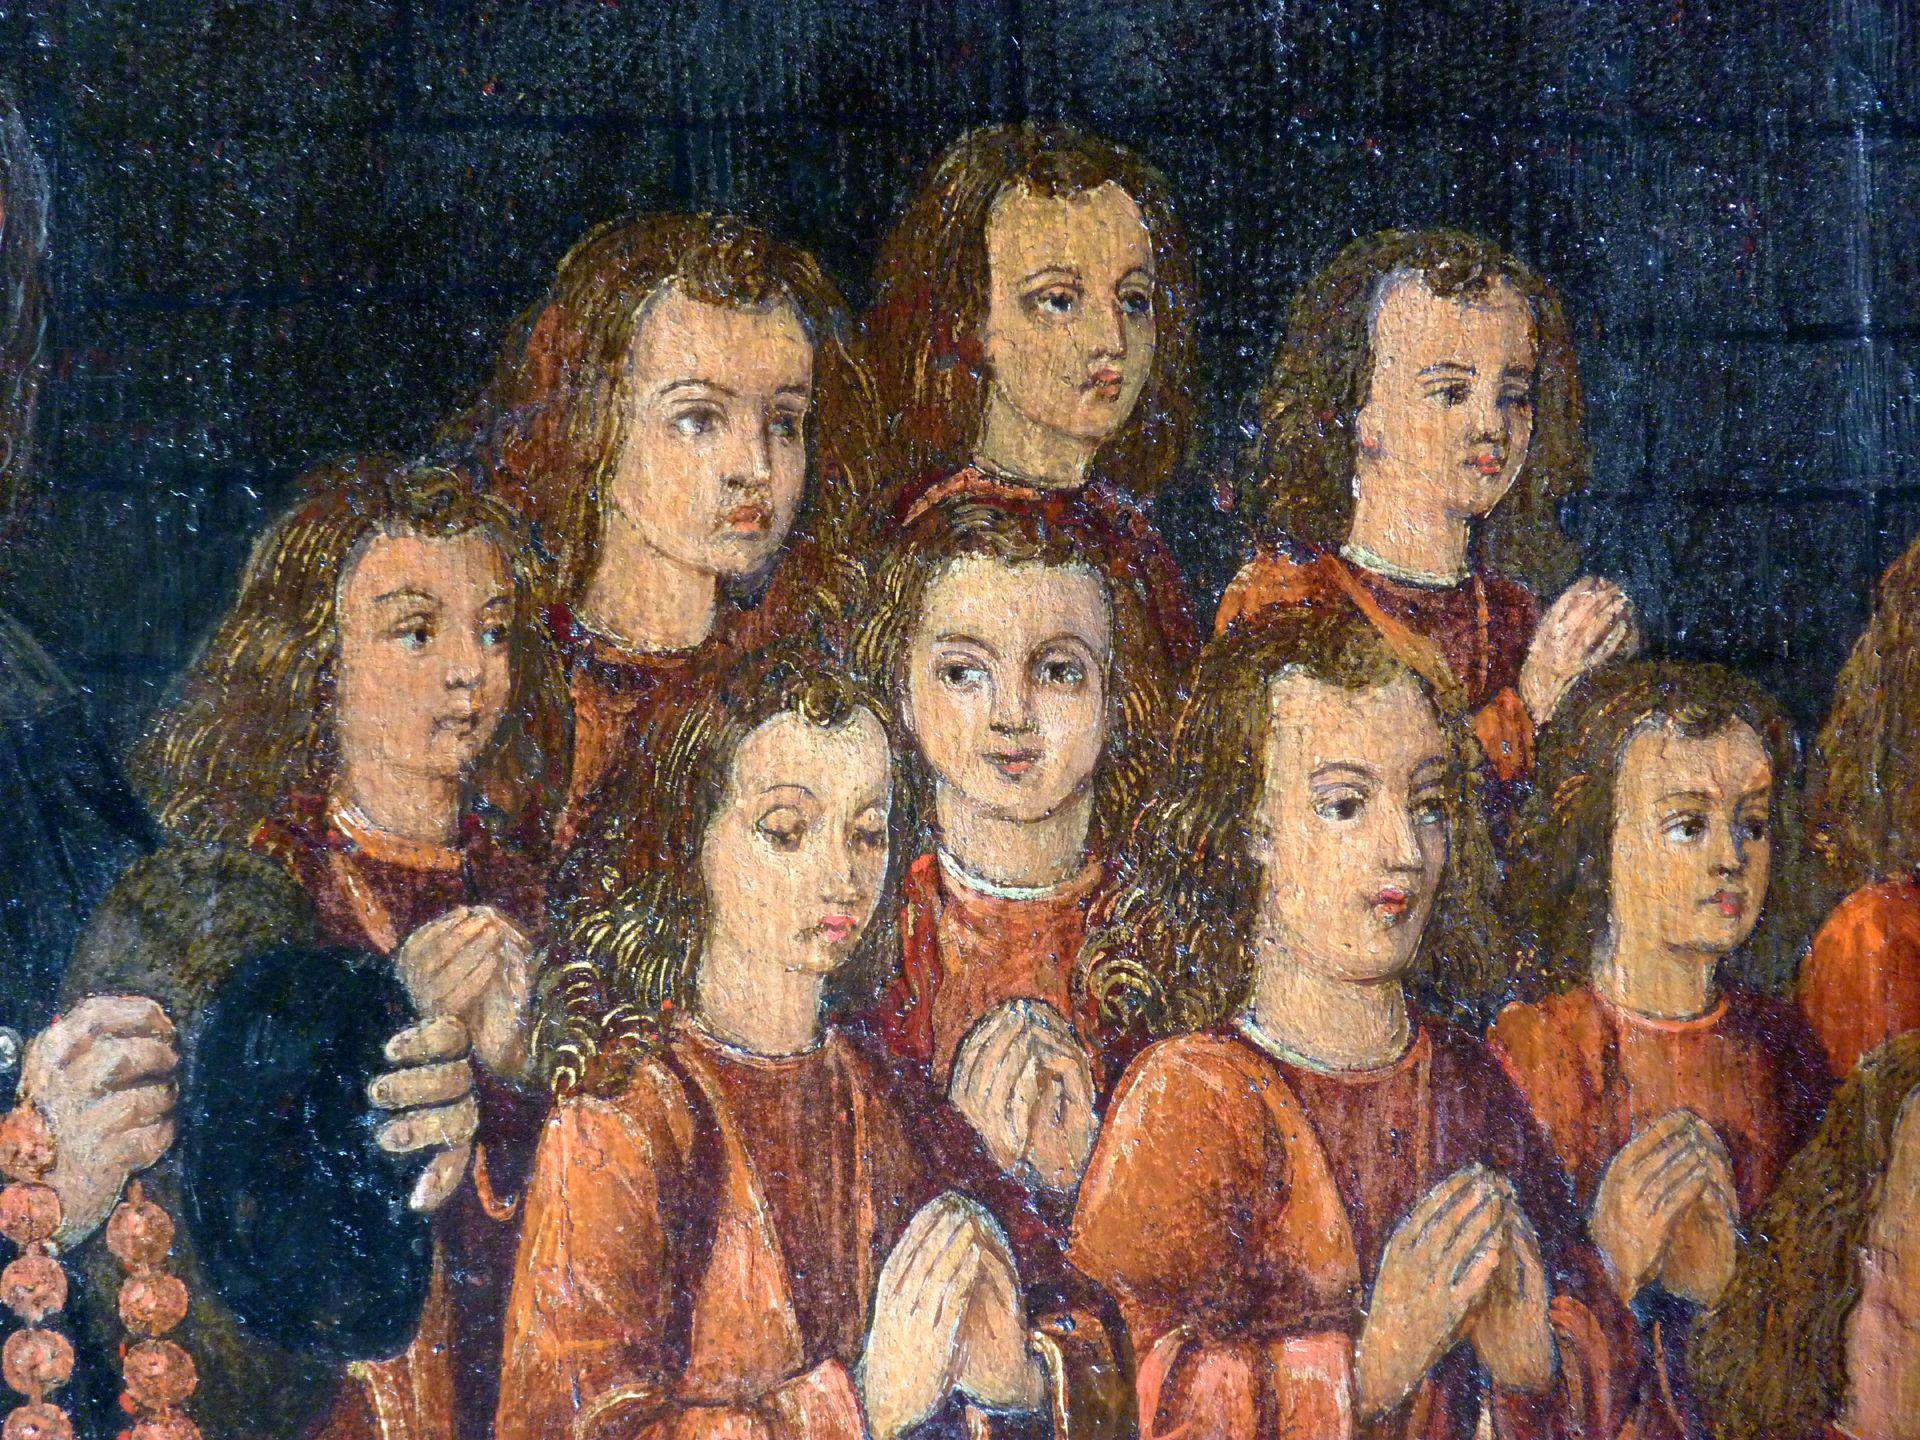 Petersaltar Antependium vor dem Stipes, Detailansicht mit den Söhnen des Nikolaus Topler zur Rechten Petri, Detail